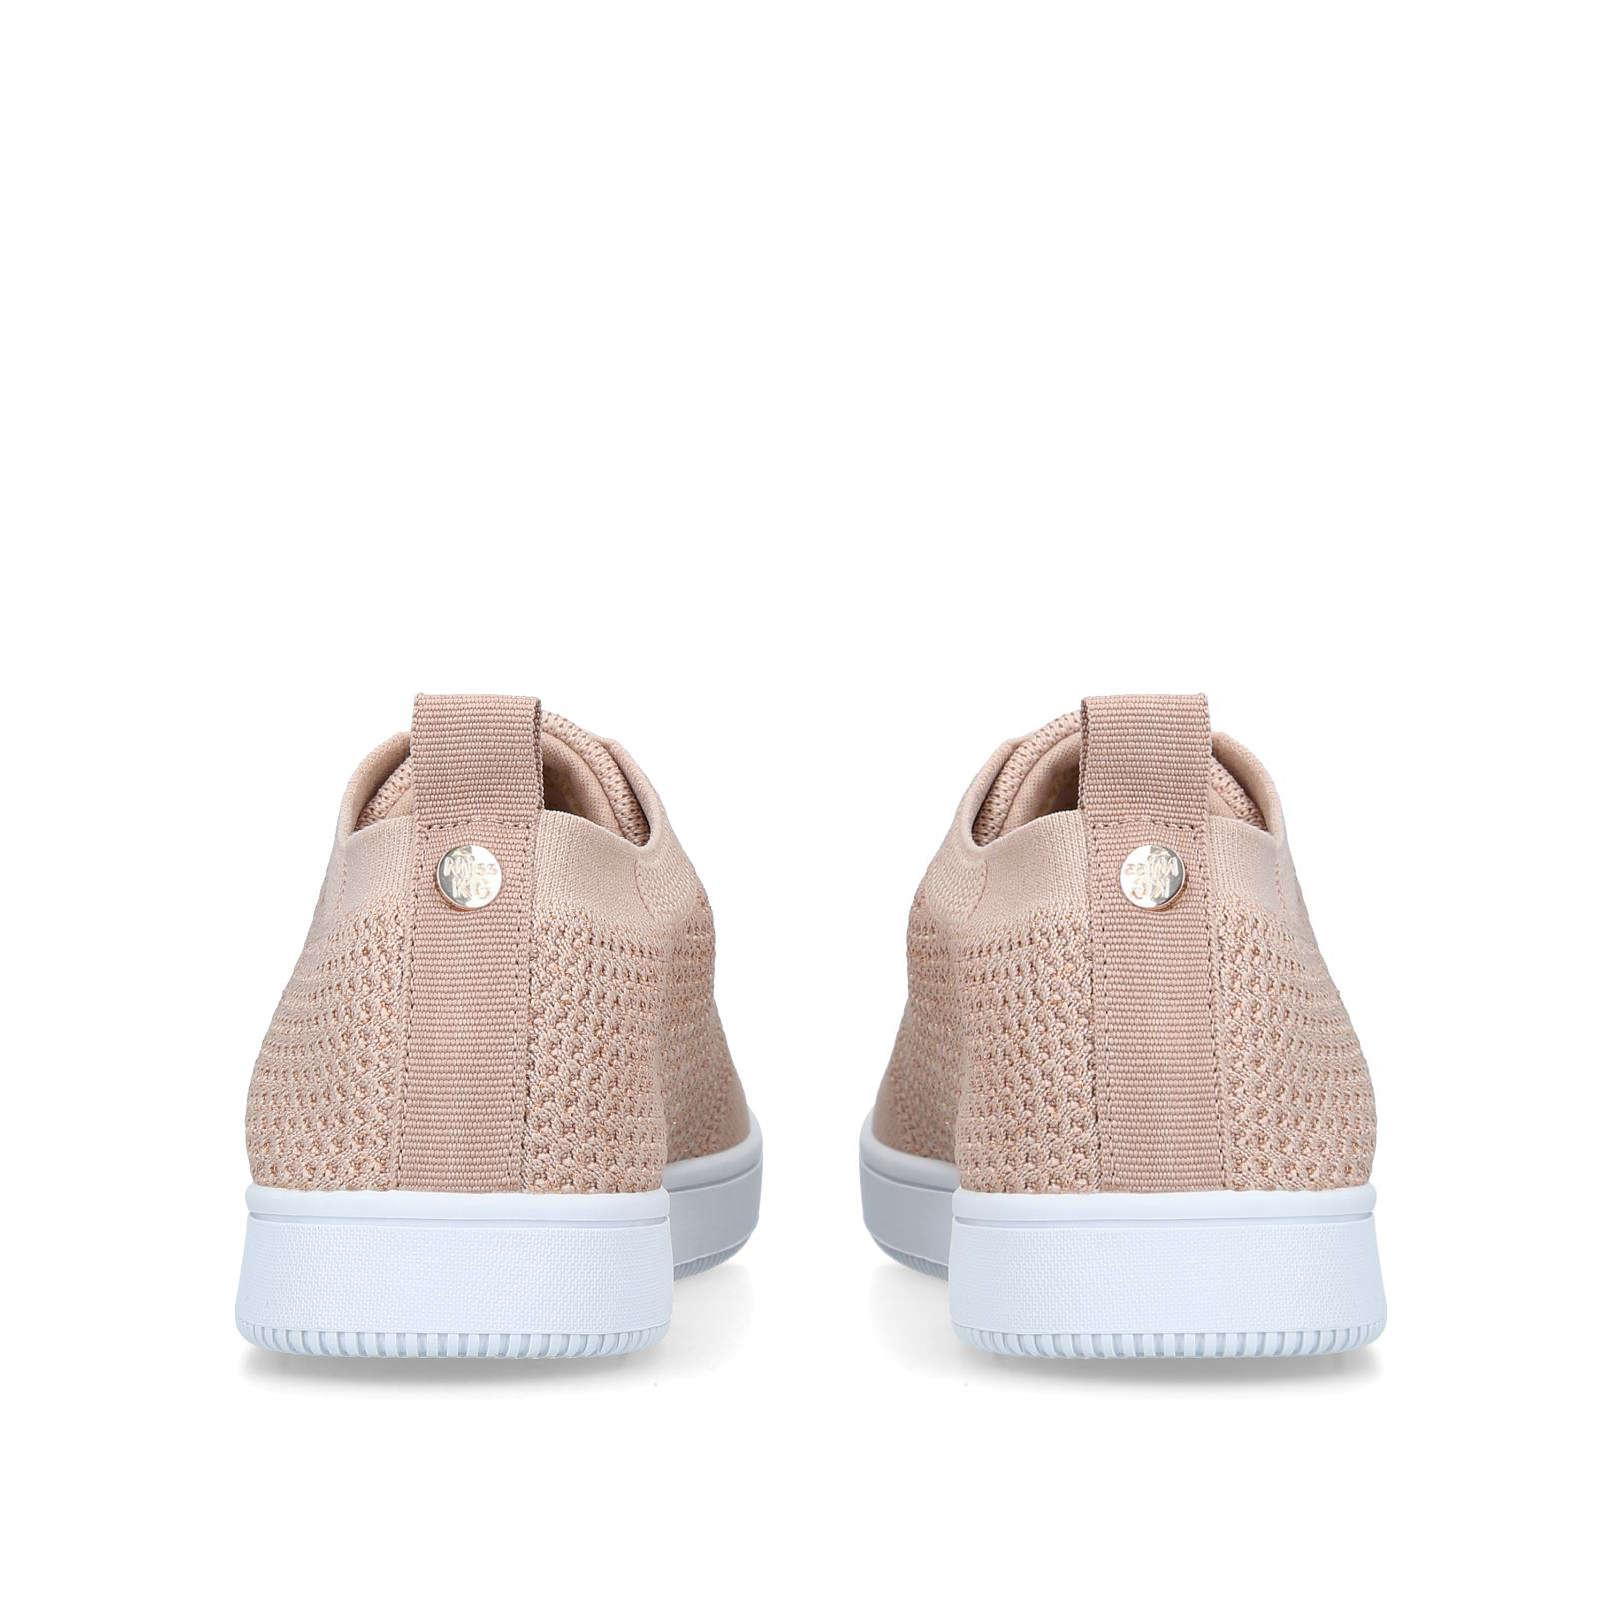 KOLLIE - MISS KG Sneakers